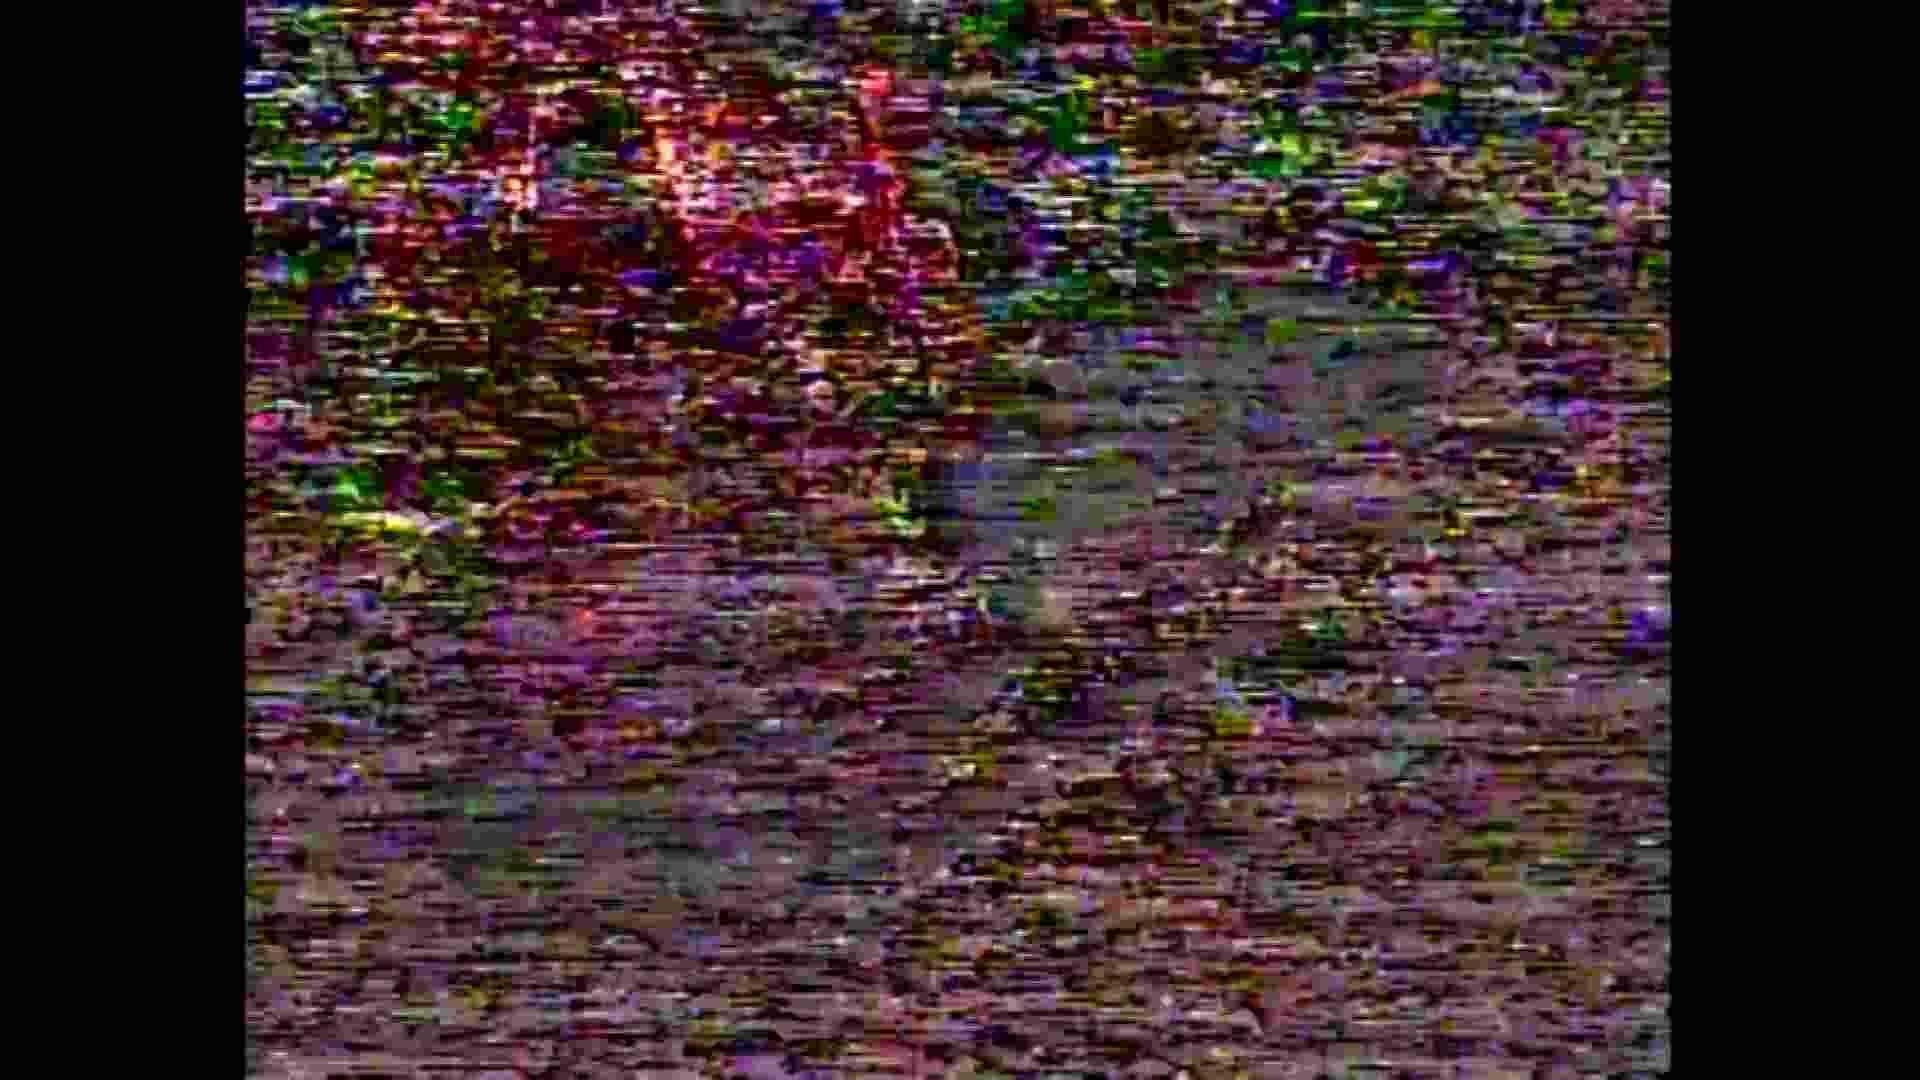 レース場での秘め事 Vol.15 エッチなお姉さん AV無料動画キャプチャ 107画像 39